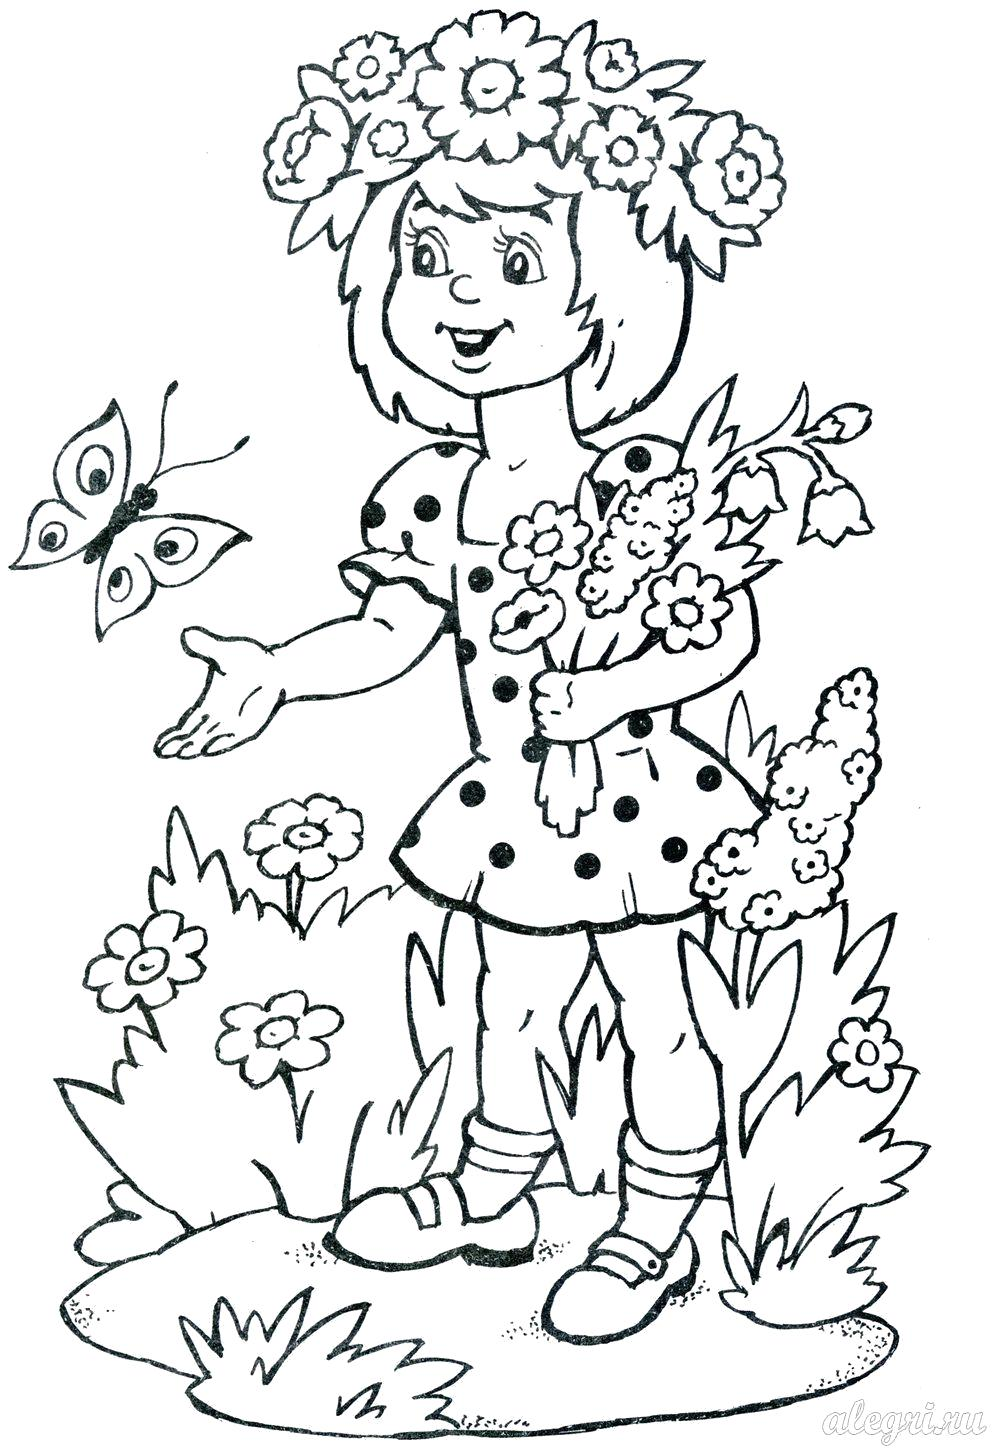 Раскраски цветов, Раскраска Лето для детей девочка собрала ...